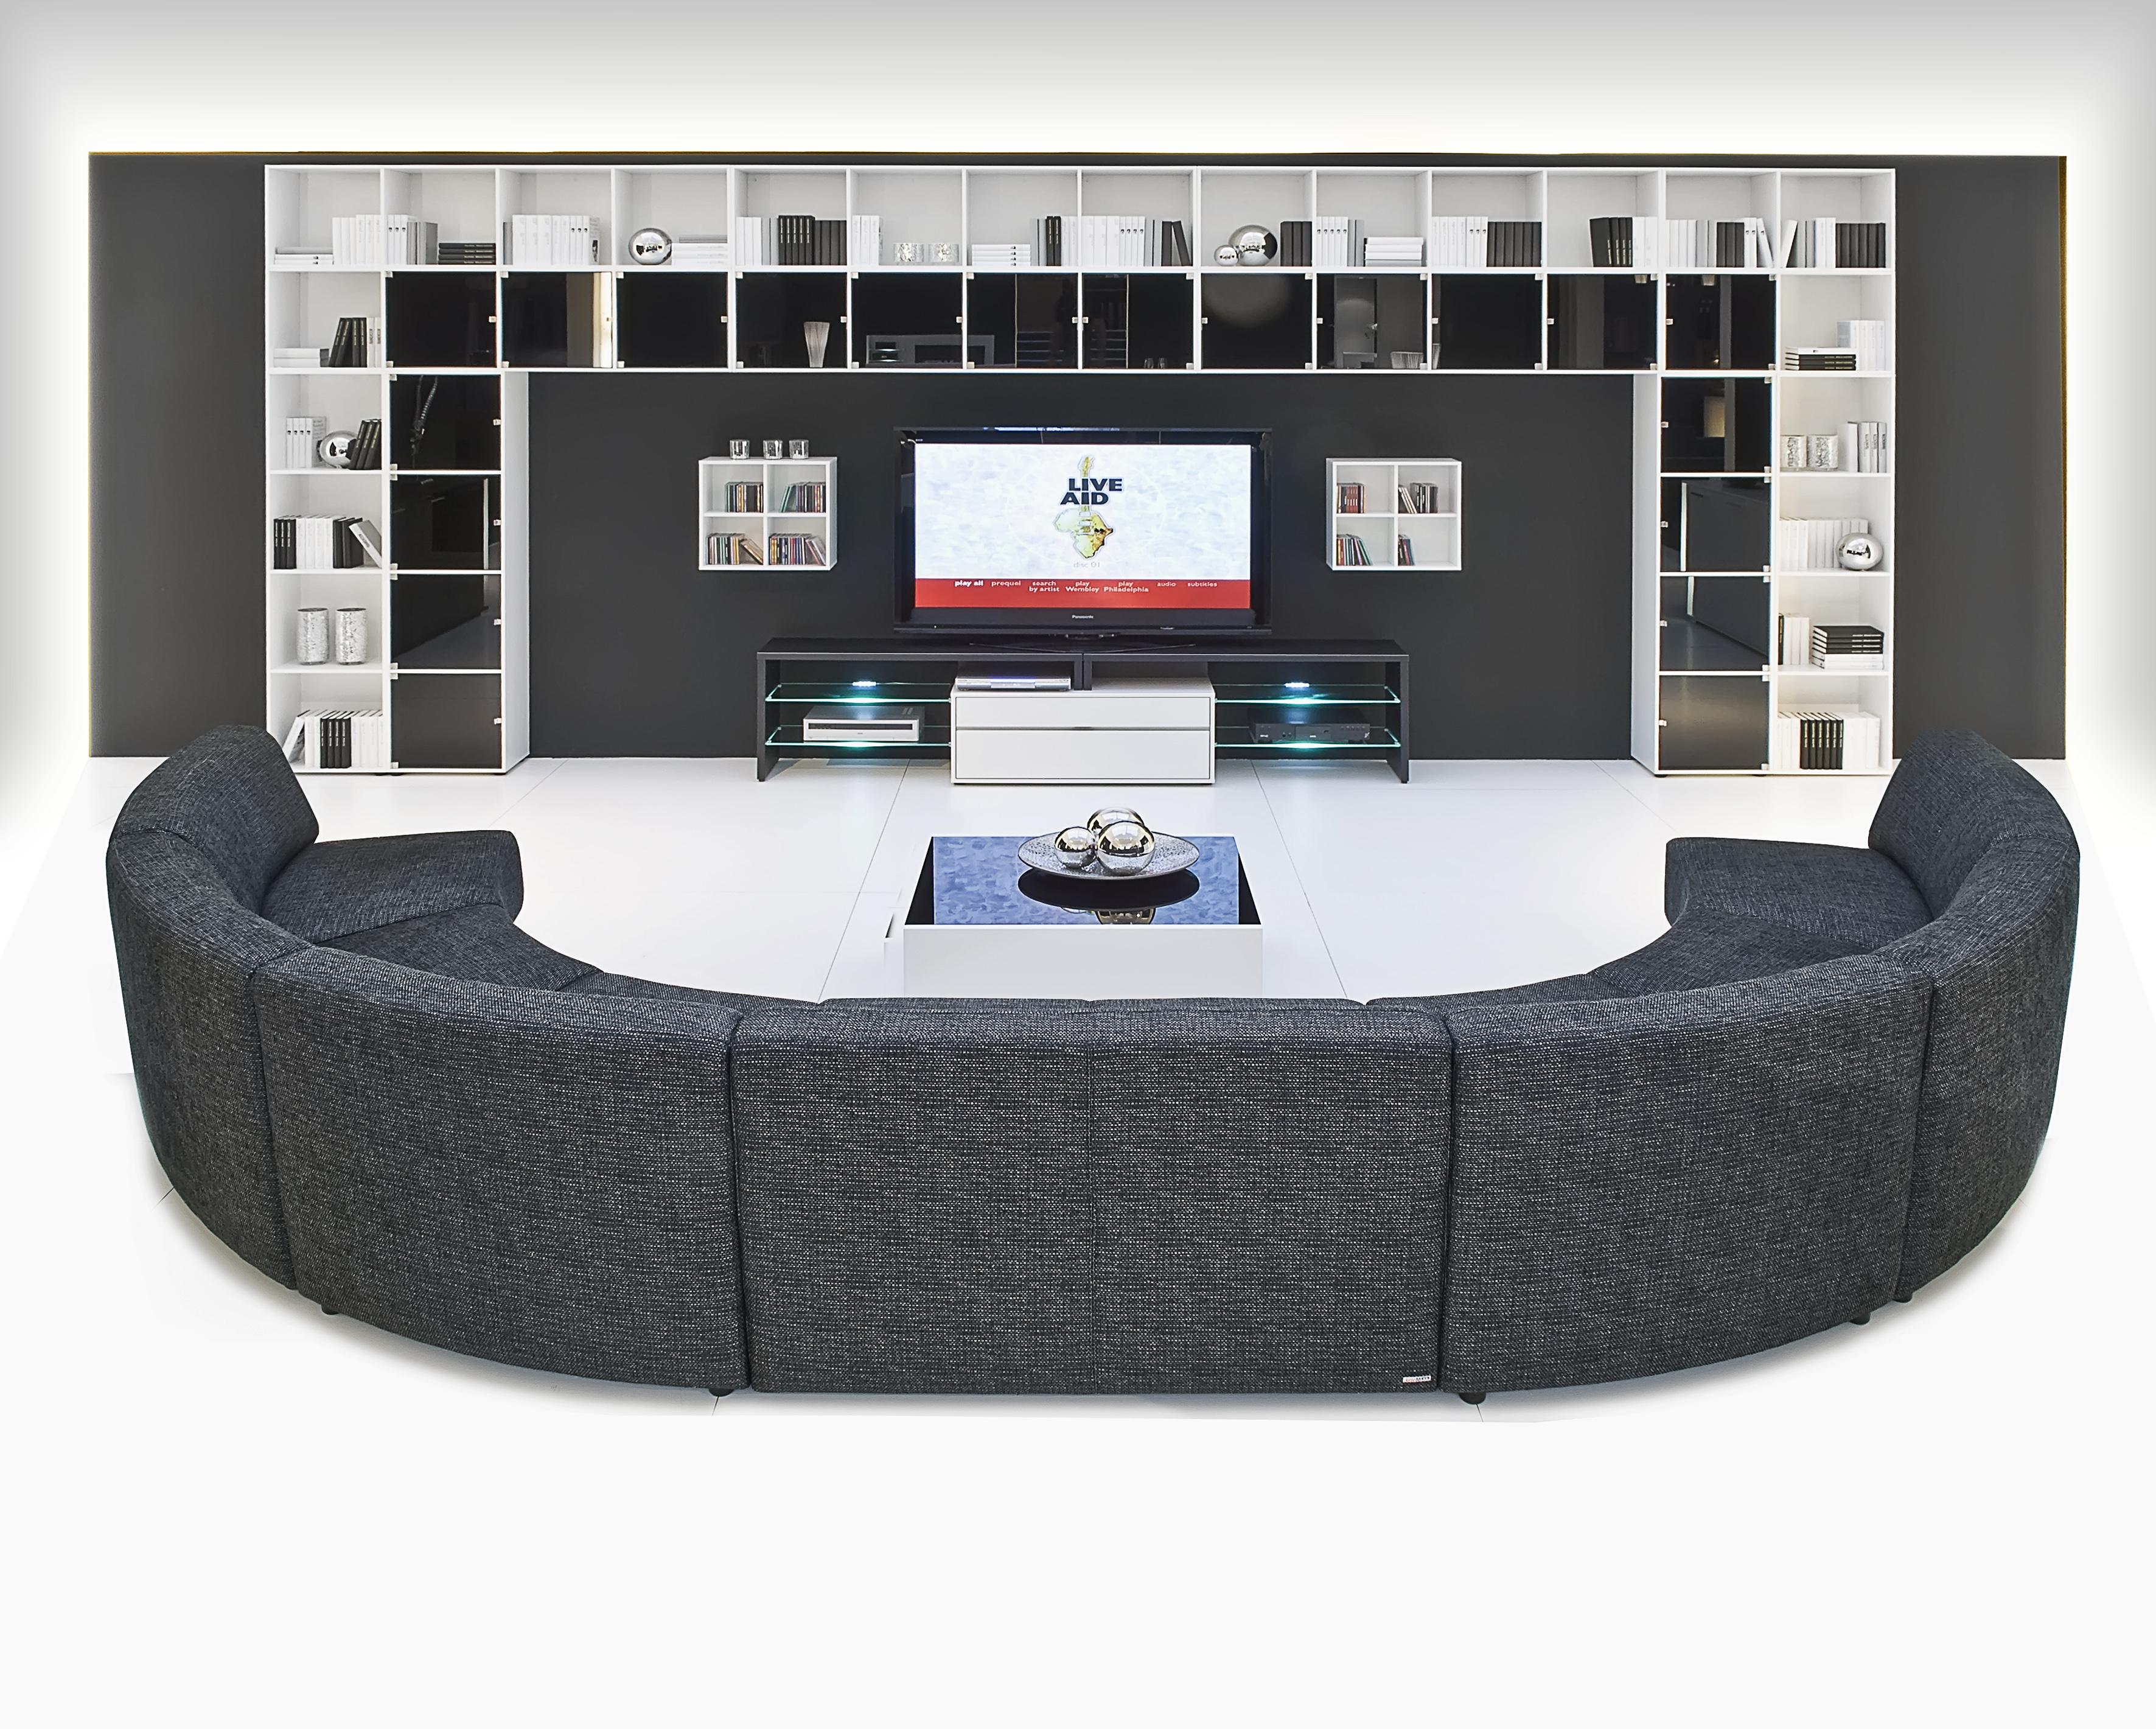 Sofá circular con estilo contemporaneo con un estante de pared balnco con negro con diversas subdivisiones